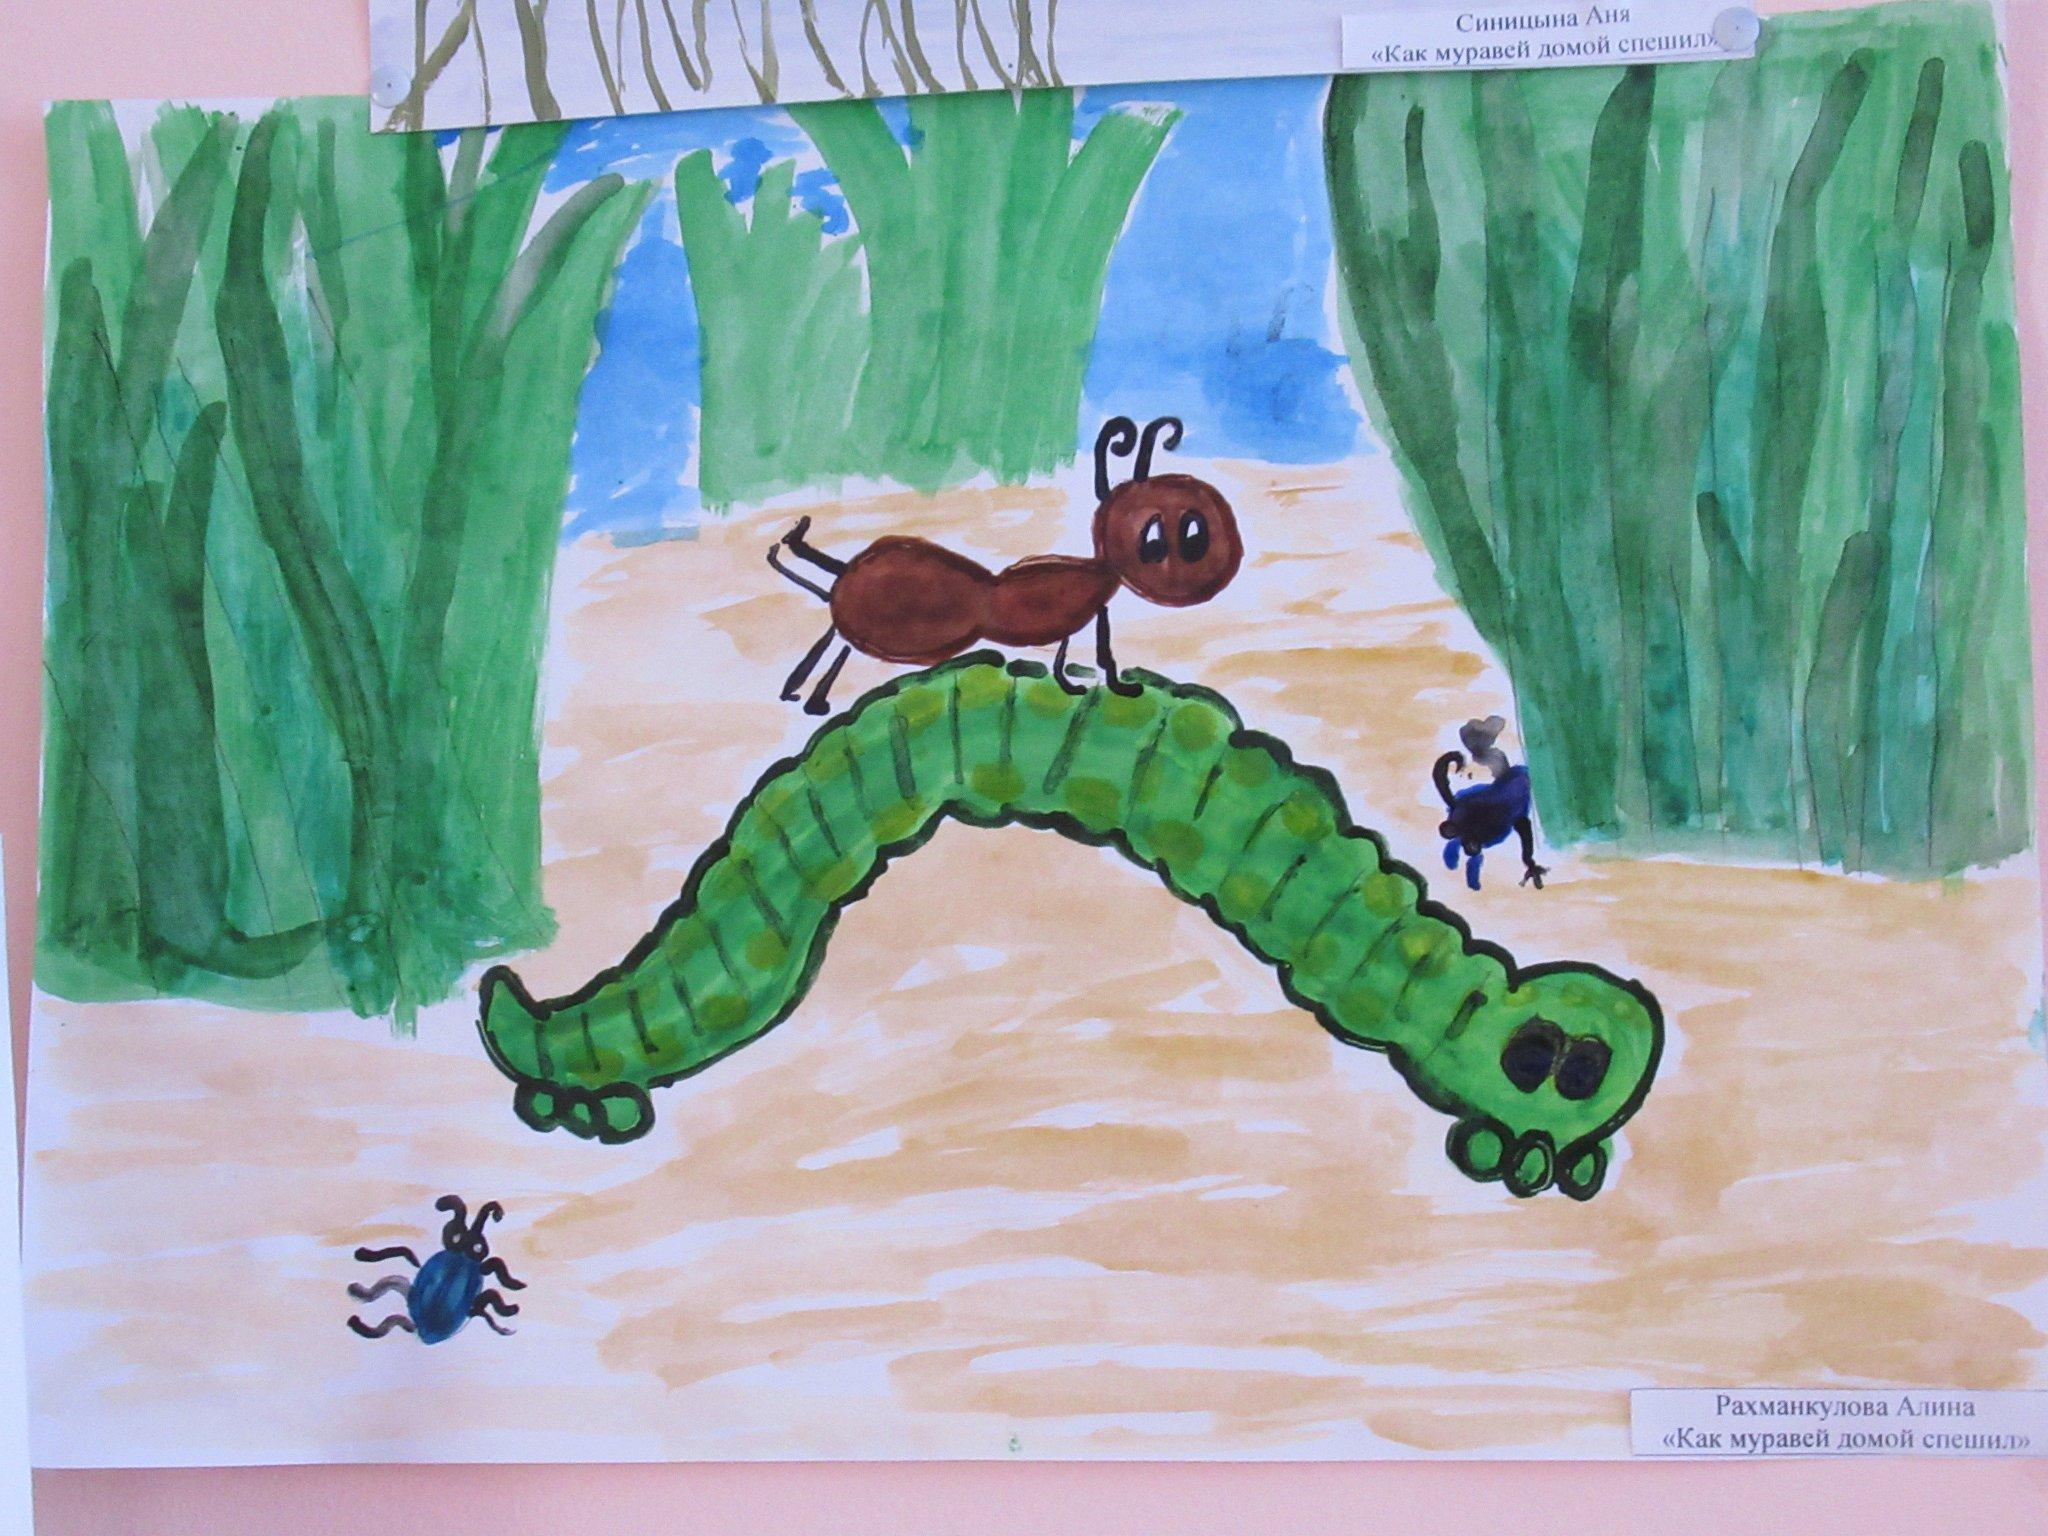 рецепт рисунок к рассказу приключения муравьишки подчеркнет направление ретро